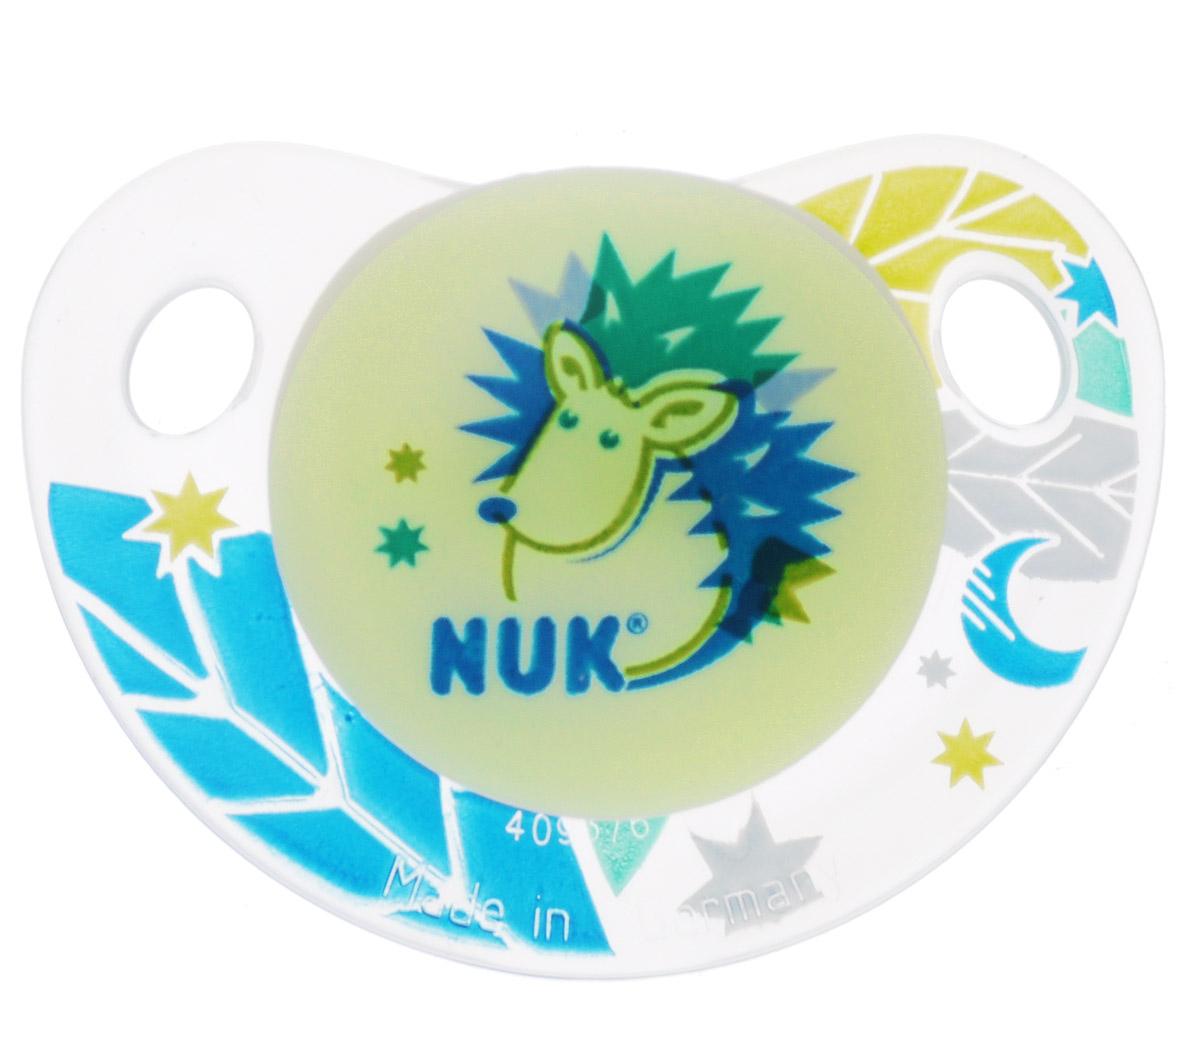 NUK Пустышка силиконовая ортодонтическая Ежик от 18 до 36 месяцев10739039_салатовый, ежикОртодонтическая пустышка NUK Ежик обеспечивает формирование правильного прикуса и челюстно-лицевого аппарата в целом. Силиконовая пустышка имитирует форму соска материнской груди в момент кормления и тренирует губы, мышцы, язык и челюсти. Имеет клапанную систему Nuk Air System - воздух выходит через специальное отверстие, благодаря чему пустышка остается мягкой и сохраняет свою форму, что предотвращает деформацию полости рта ребенка. Загубник пустышки анатомической формы полностью прилегает к лицу ребенка и оснащен специальными вентиляционными отверстиями. Специальный держатель в виде пуговки для быстрого выдергивания соски.